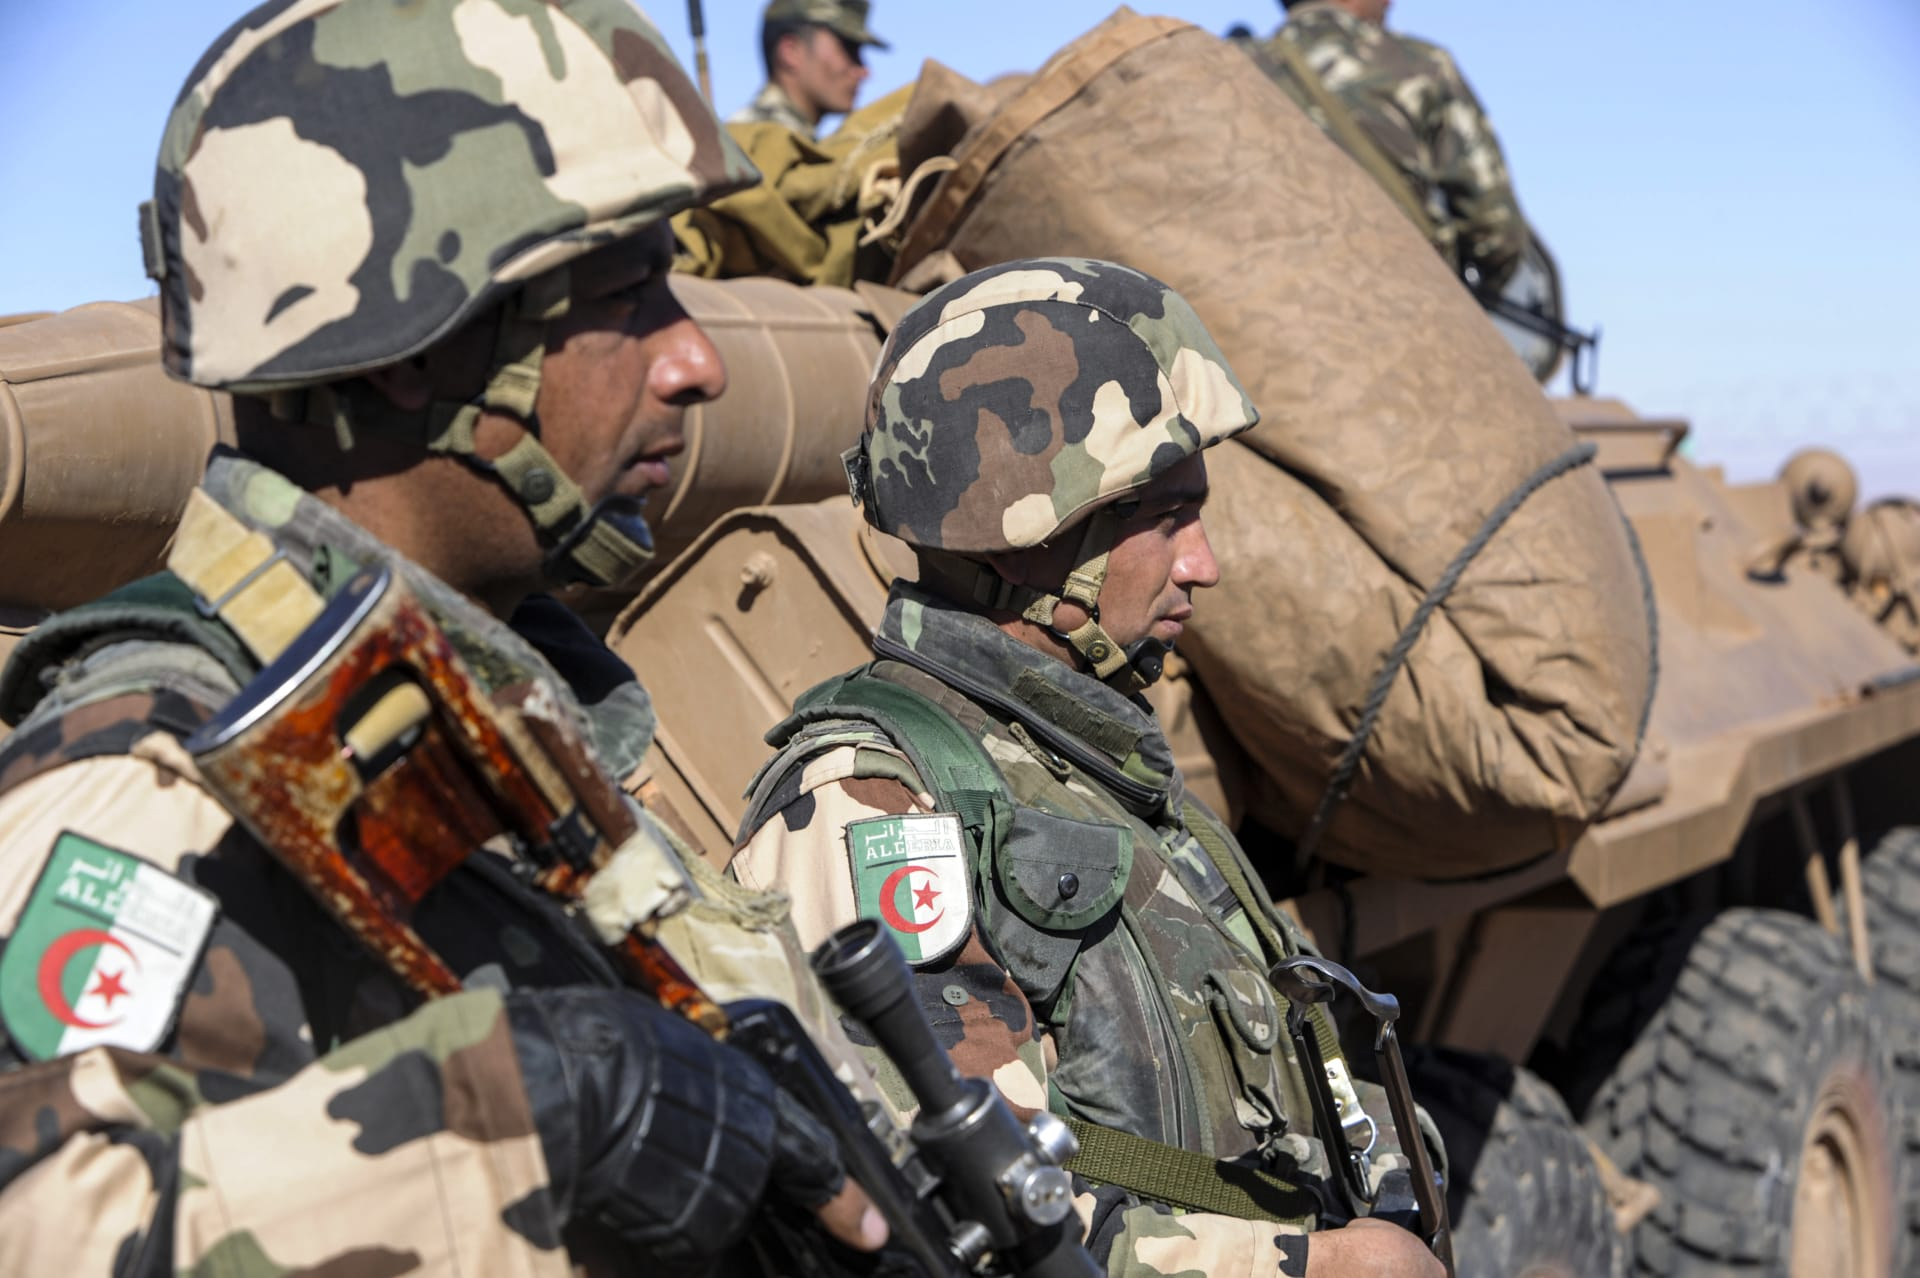 الجزائر: مقتل 4 مسلحين وجنديين في اشتباكات غرب العاصمة